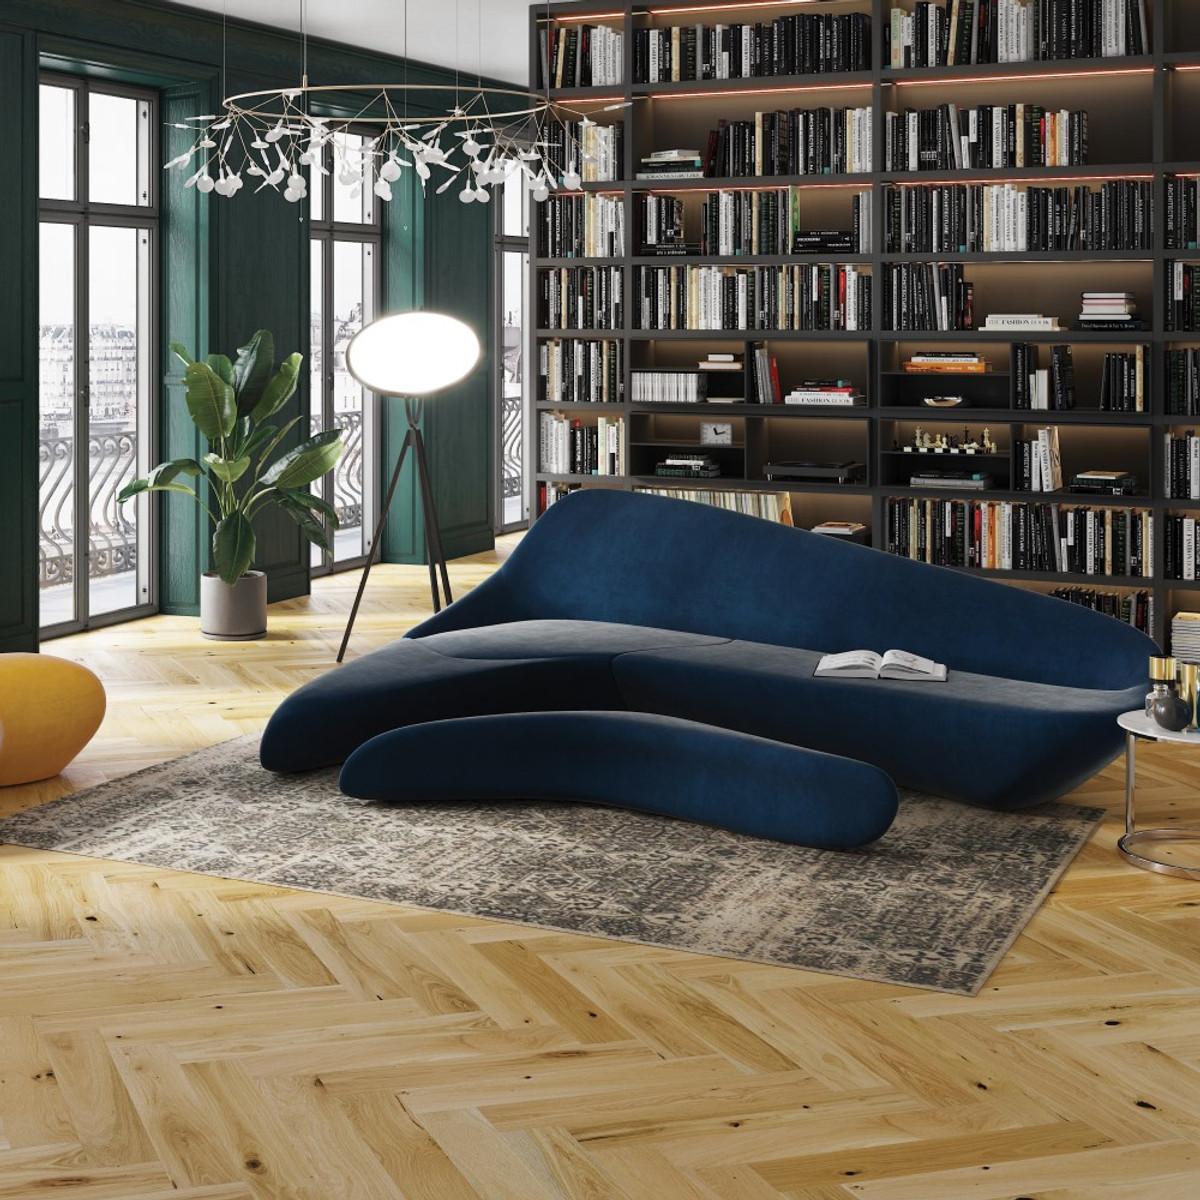 Tuscany Herringbone Oak brushed Natural Oiled Room Setting